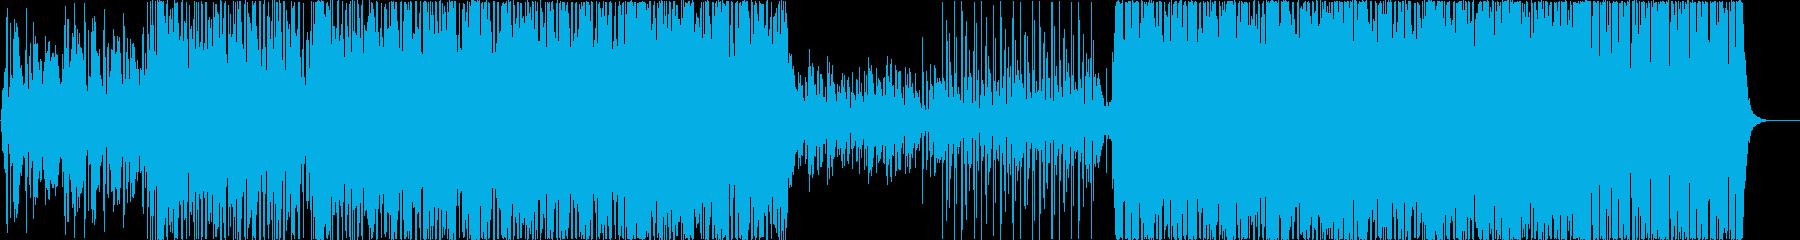 三味線とバイオリンの和風オリエンタルの再生済みの波形